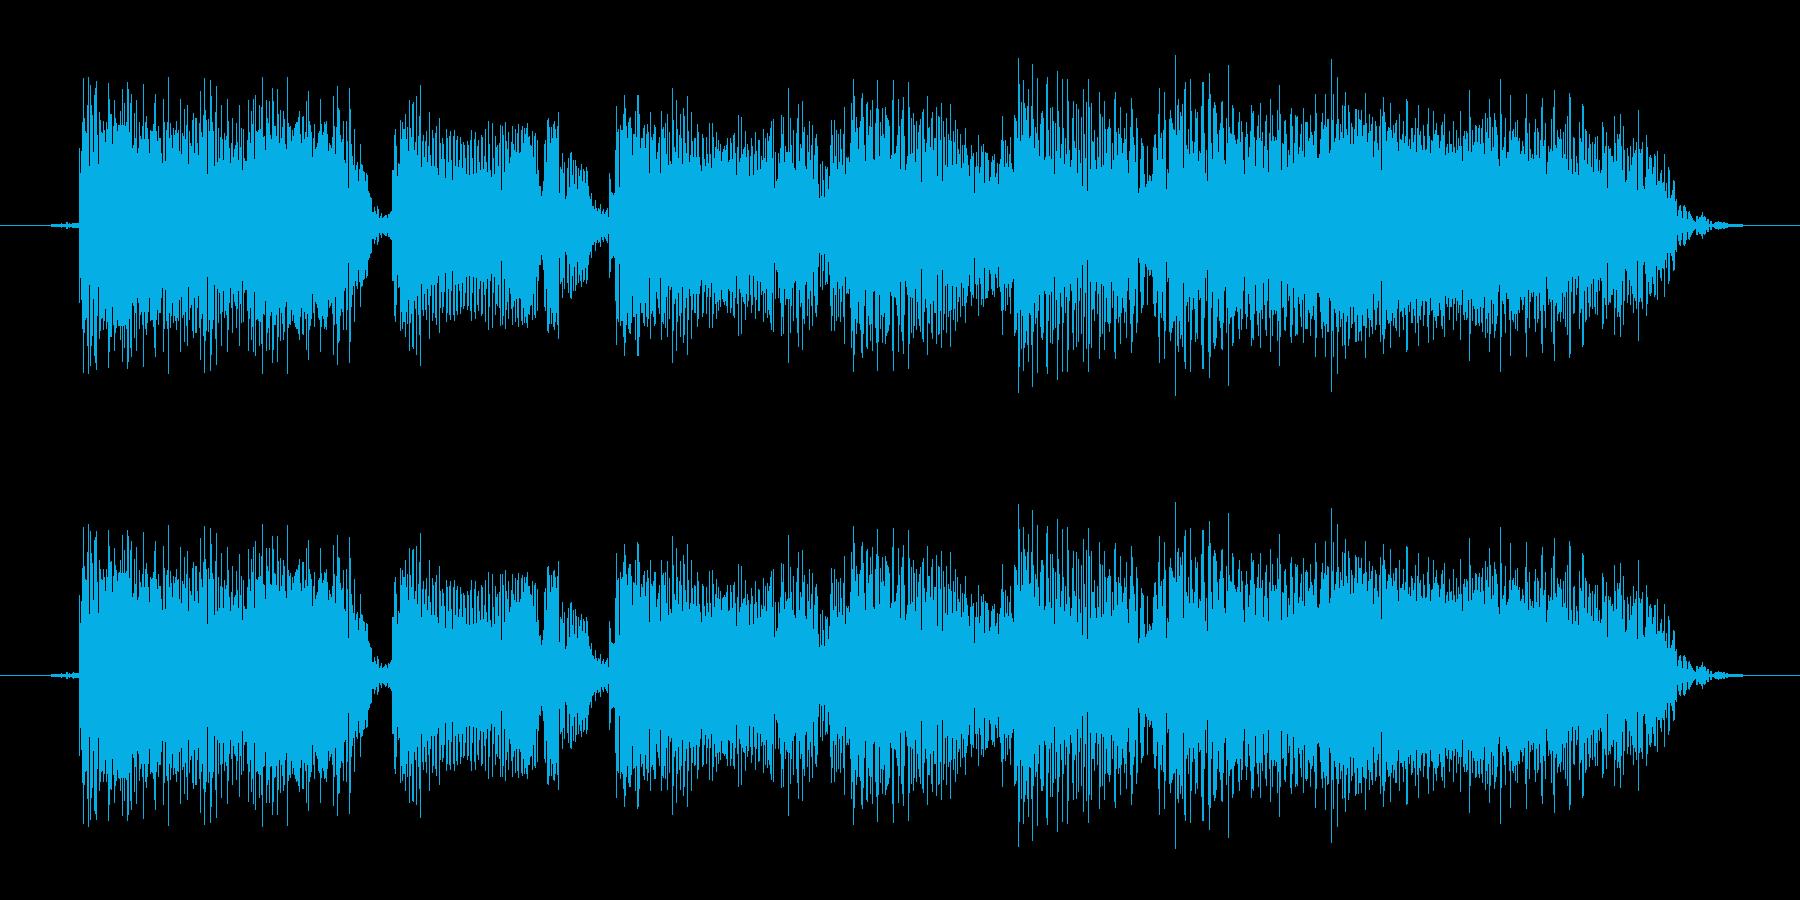 タイトルコールに使えるサウンド(ギター)の再生済みの波形